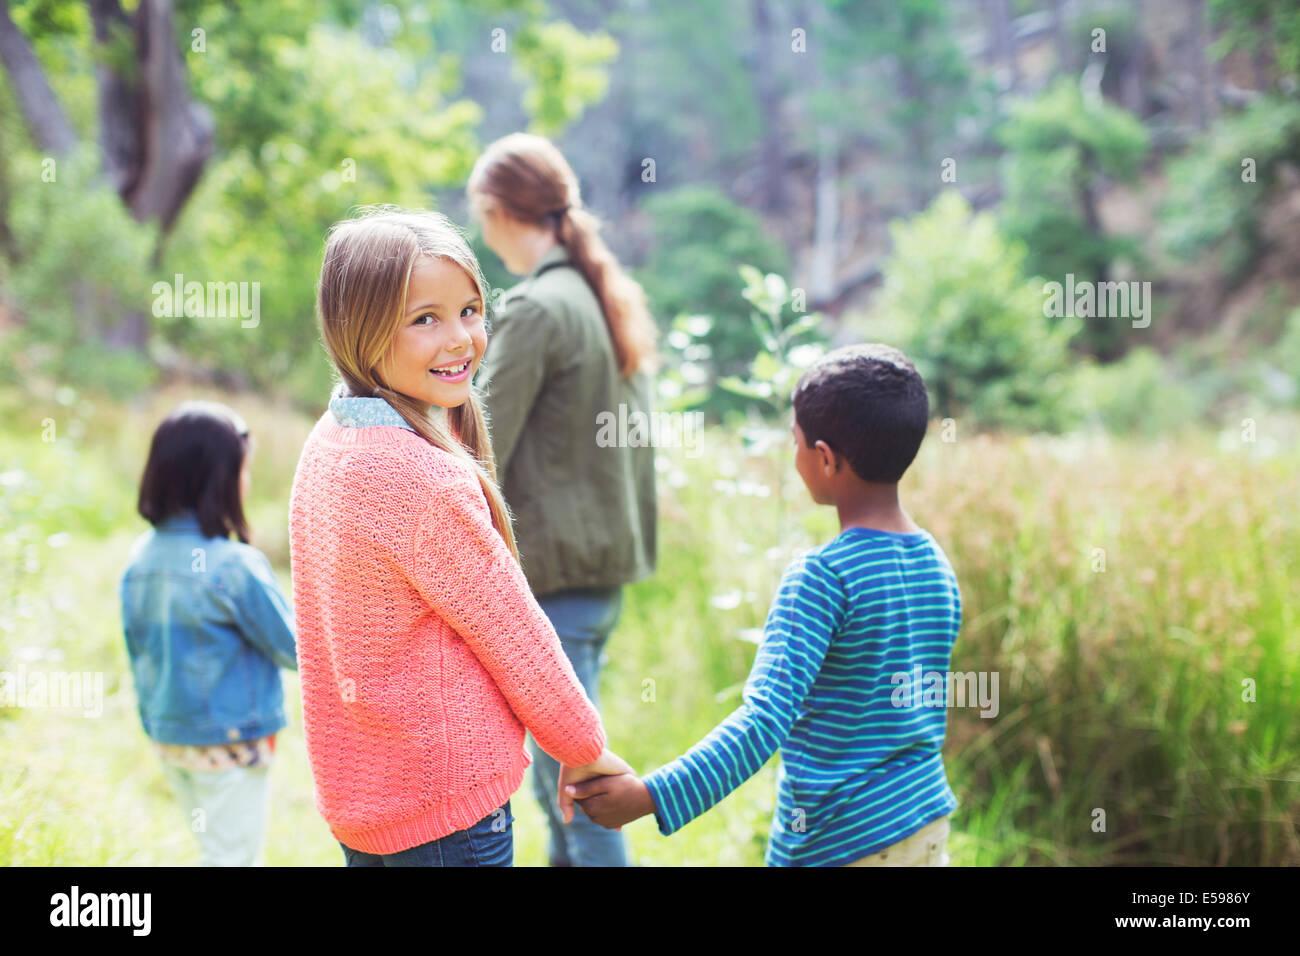 Les enfants se tenant la main dans la zone Photo Stock